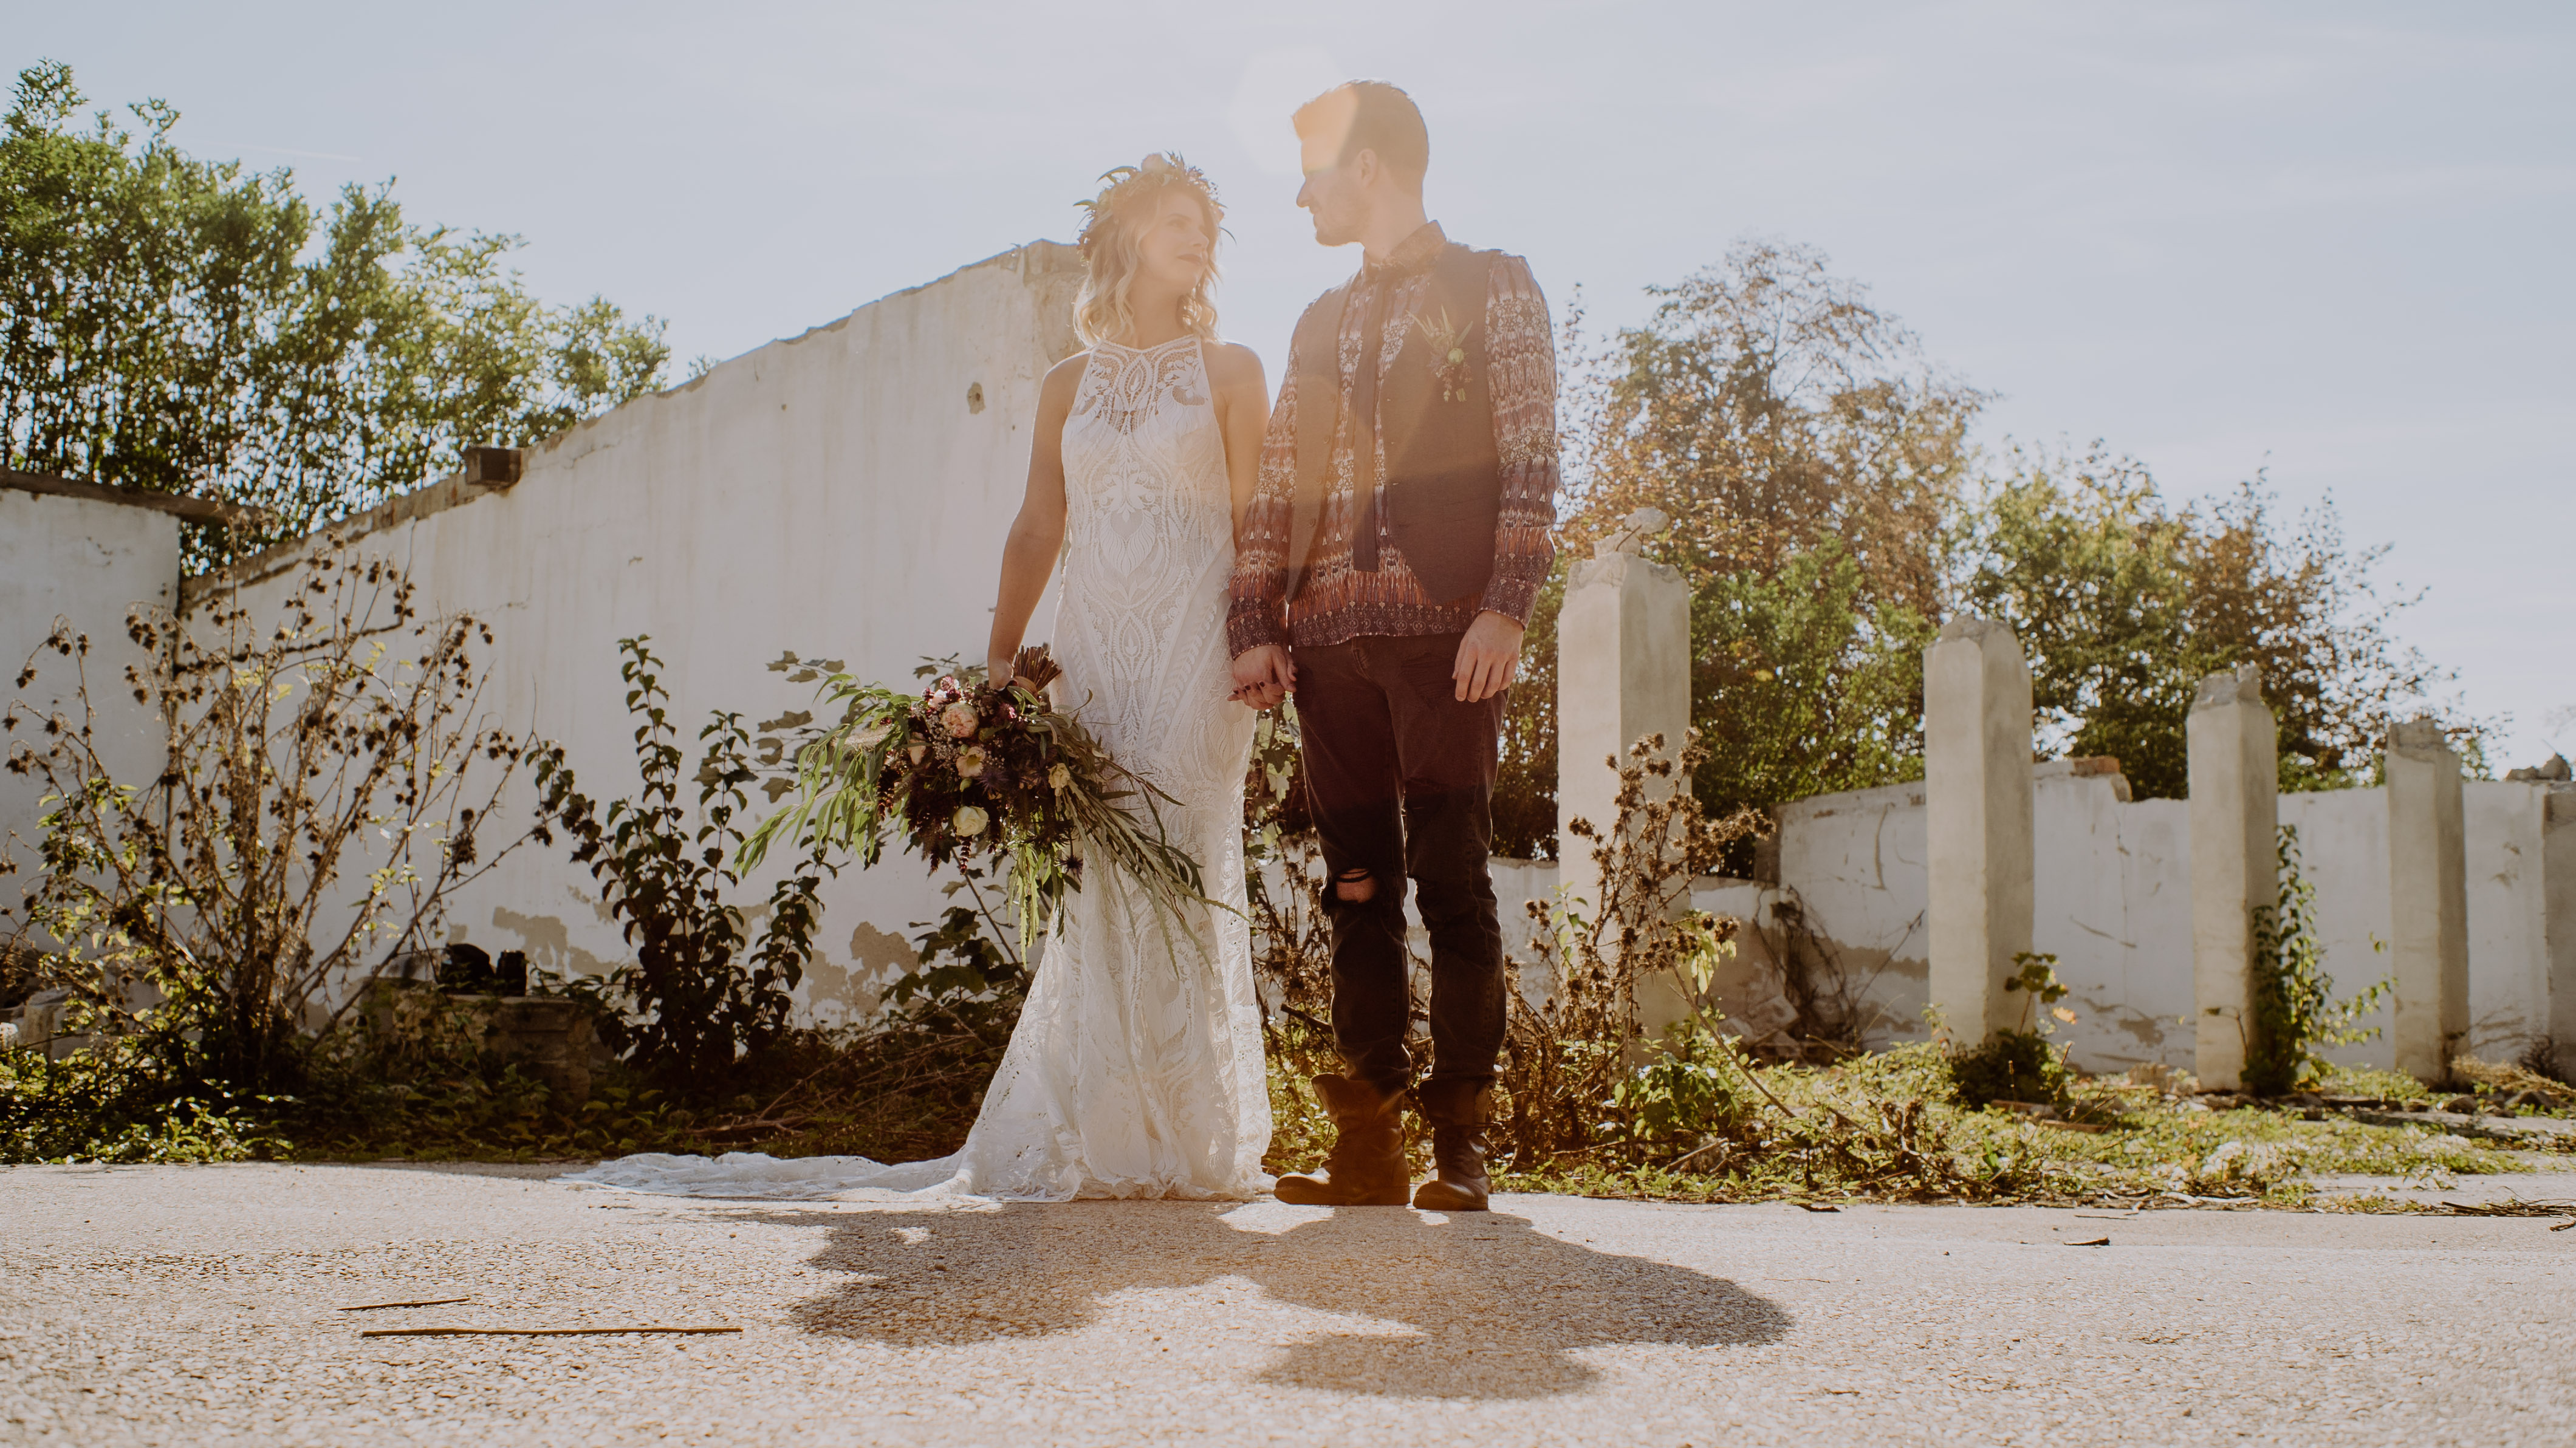 Brautpaar steht im Sonnenuntergang in einer alten Gärtnerei Hochzeit Kamerakinder Weddings